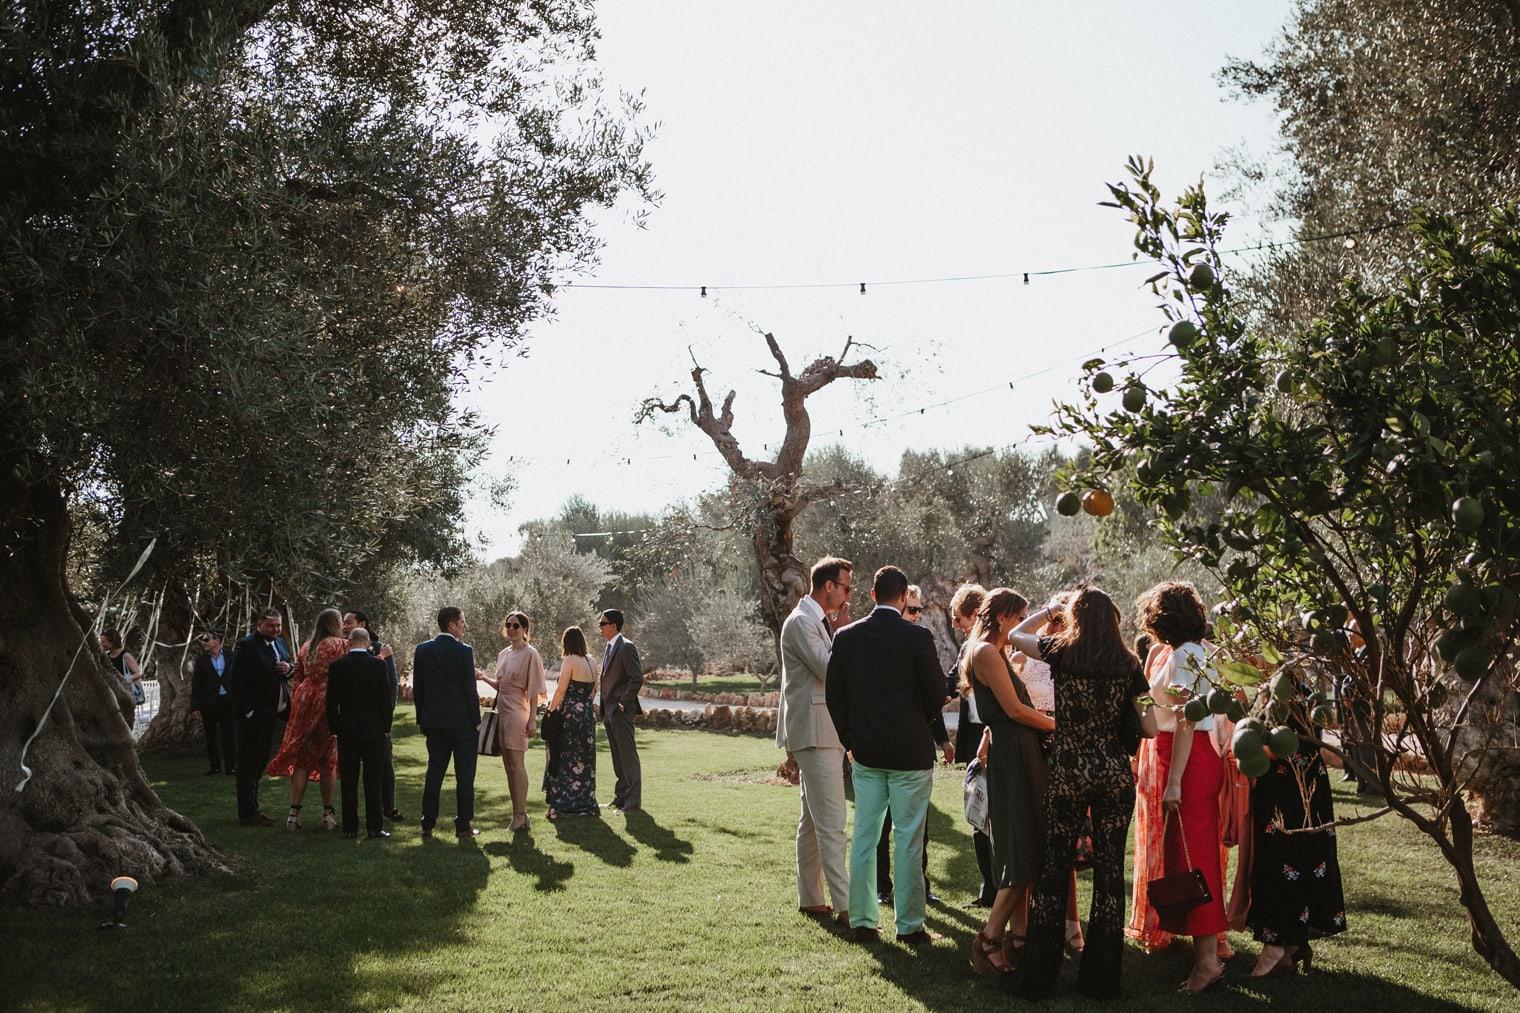 masseria torre coccaro wedding reception in Puglia